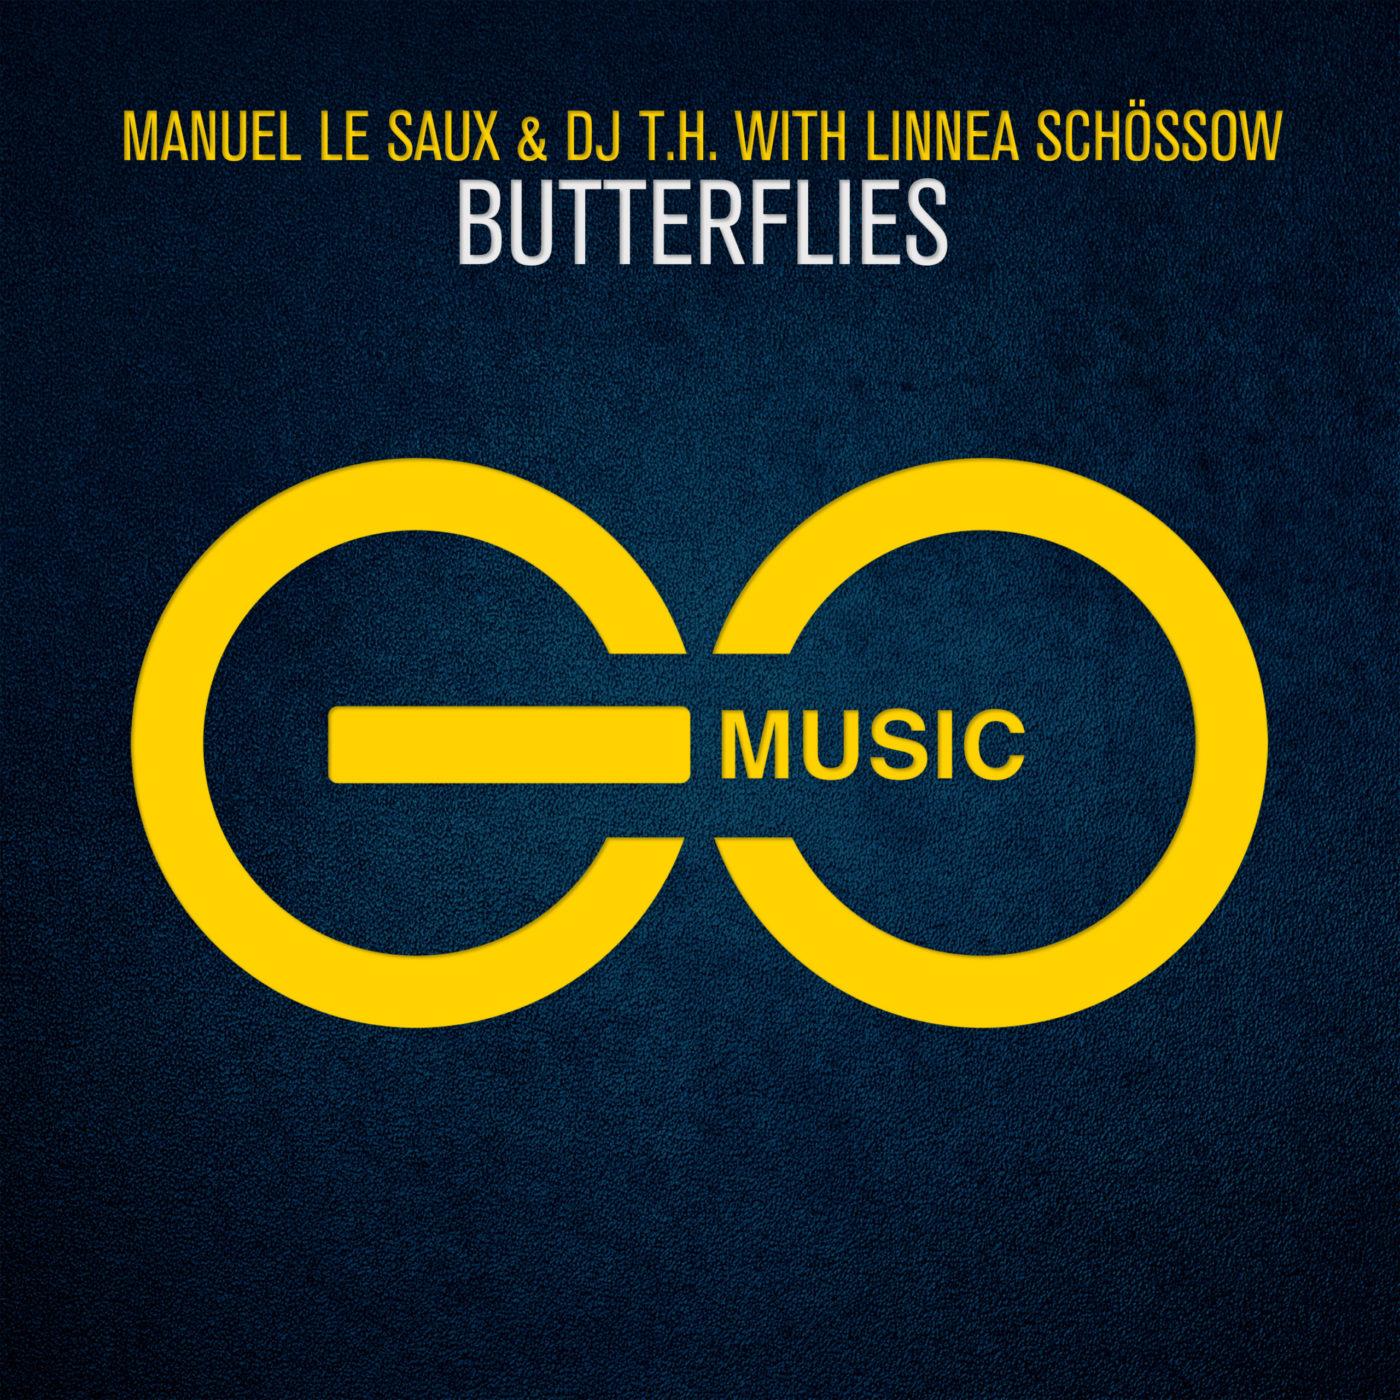 Manuel Le Saux & DJ T.H with Linnea Schossow – Butterflies [GO Music]